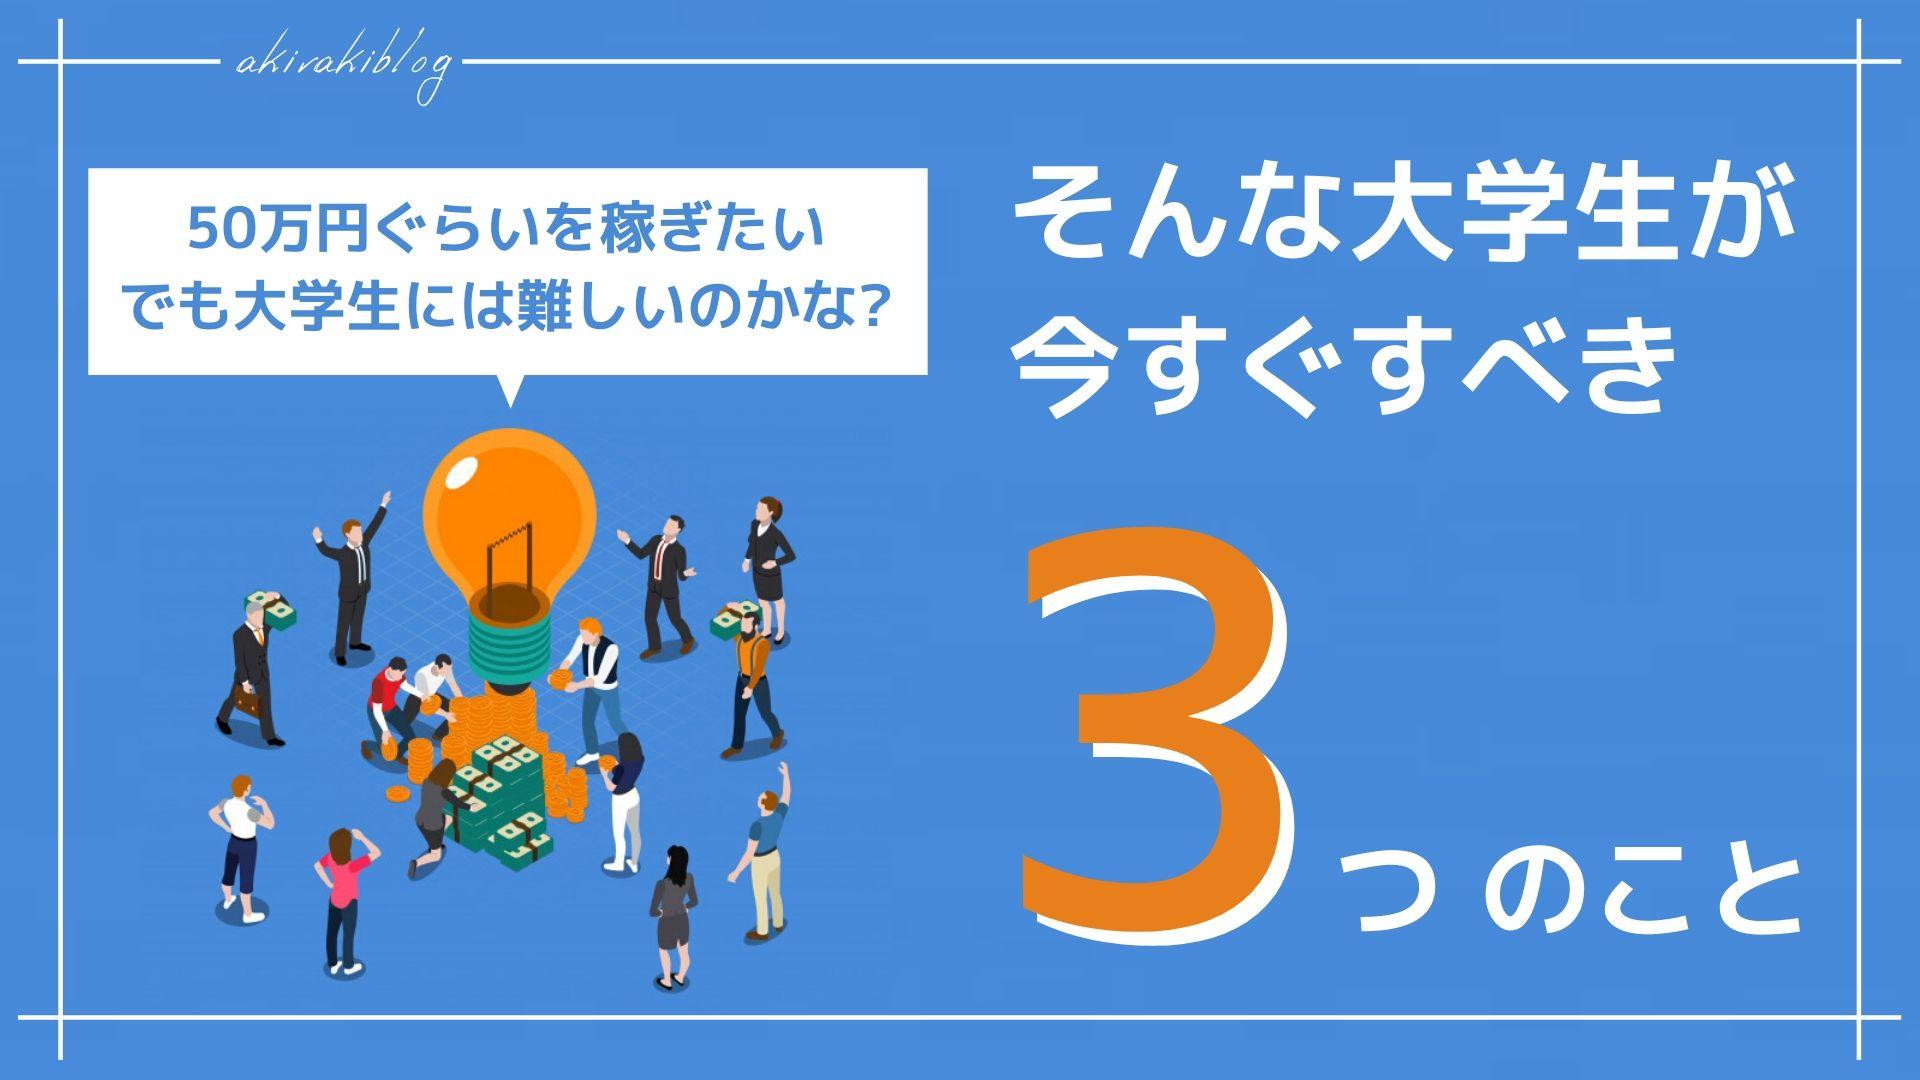 大学生が50万円稼ぐ方法